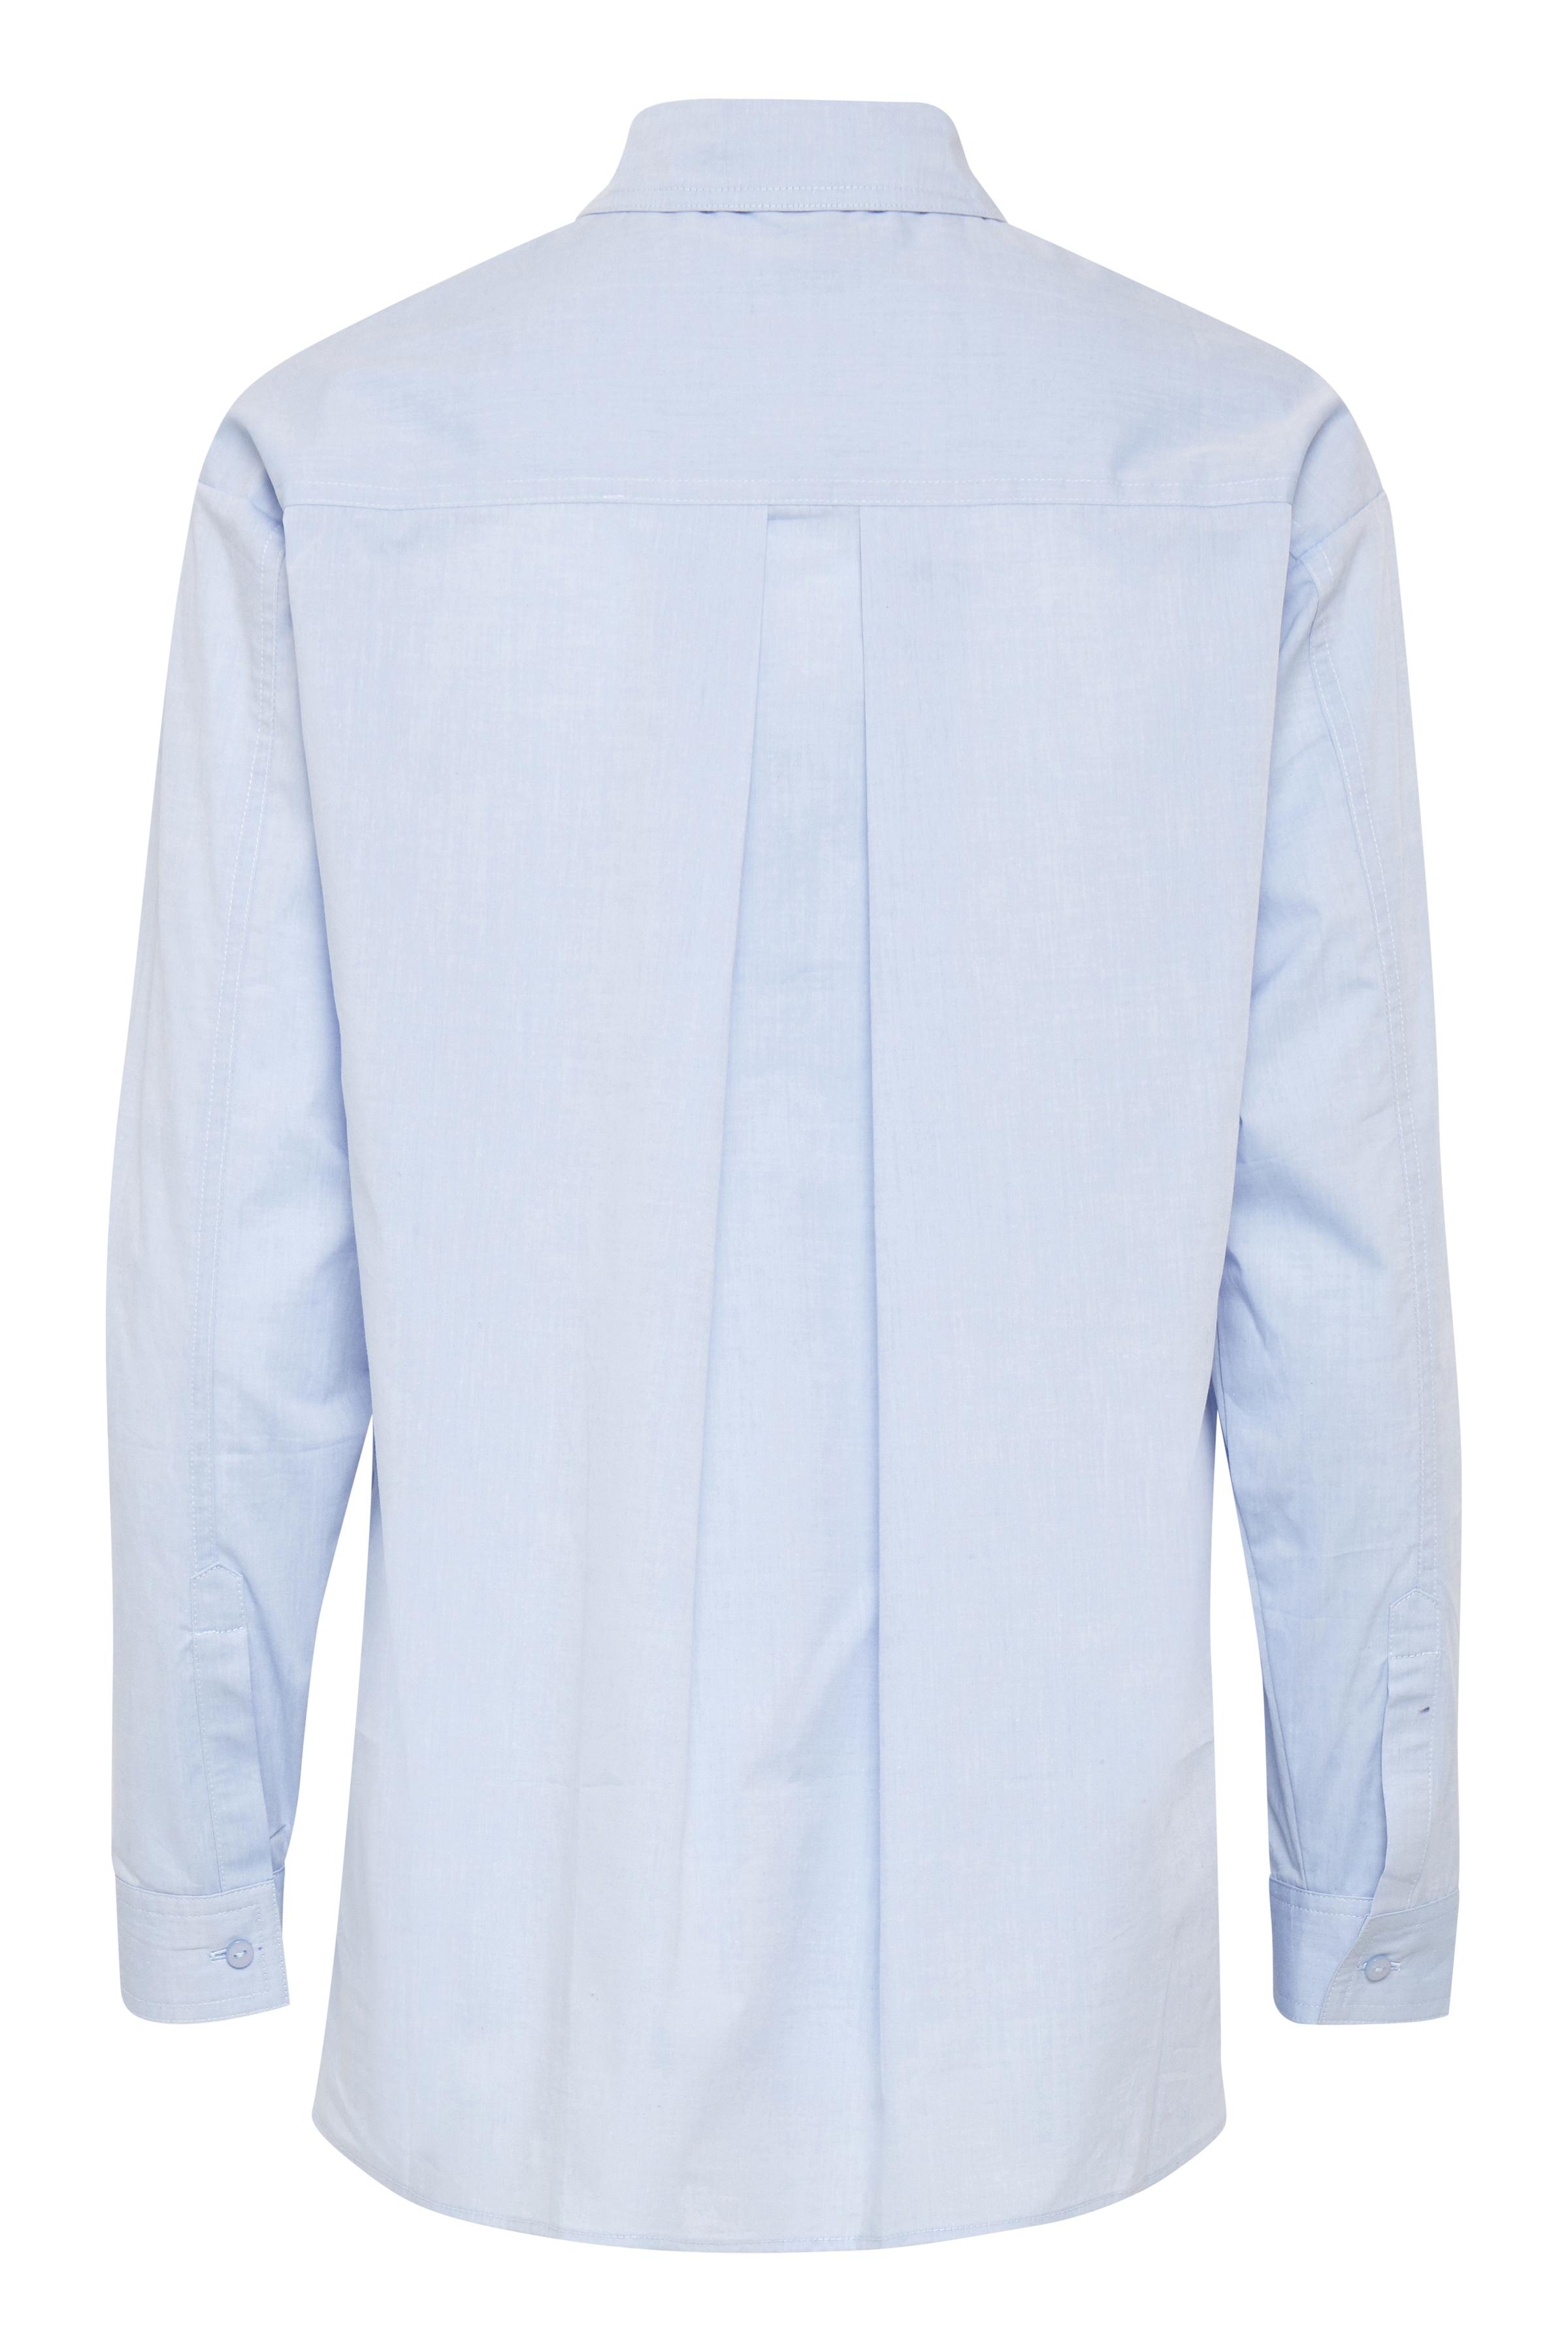 Skyway Langærmet skjorte – Køb Skyway Langærmet skjorte fra str. XS-XXL her